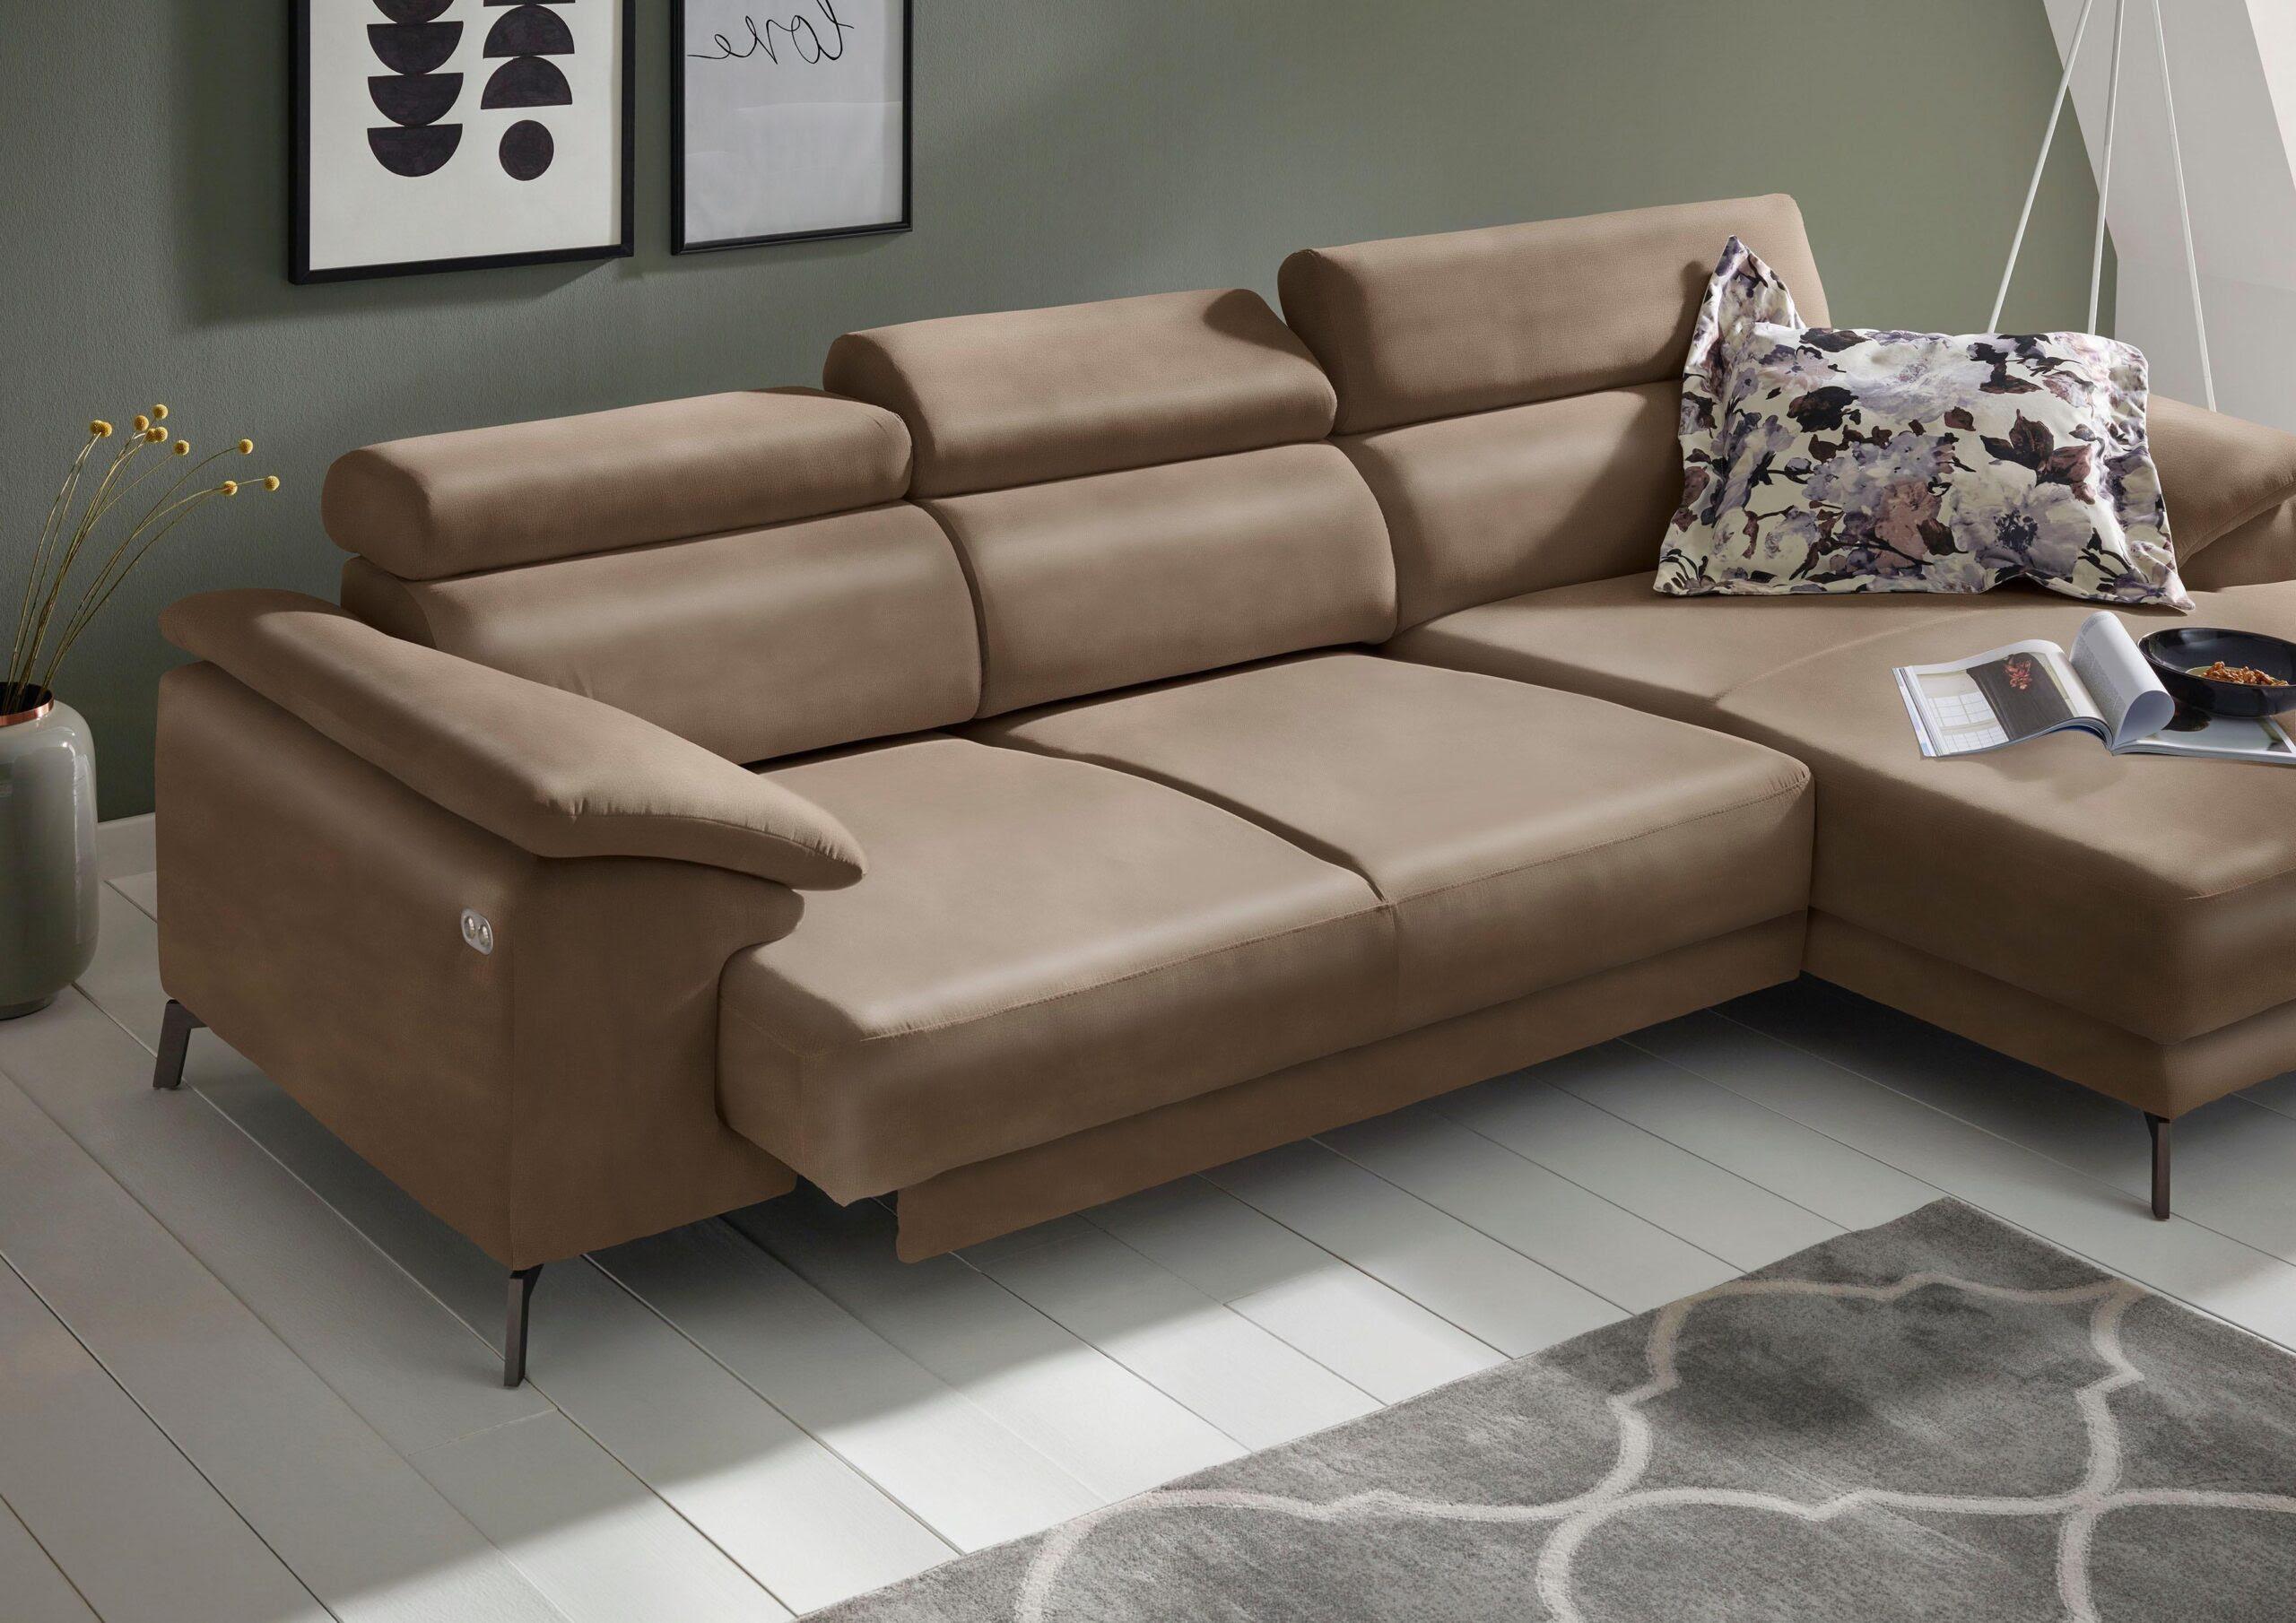 2er Sofa Mit Elektrischer Relaxfunktion Couch Elektrisch ...